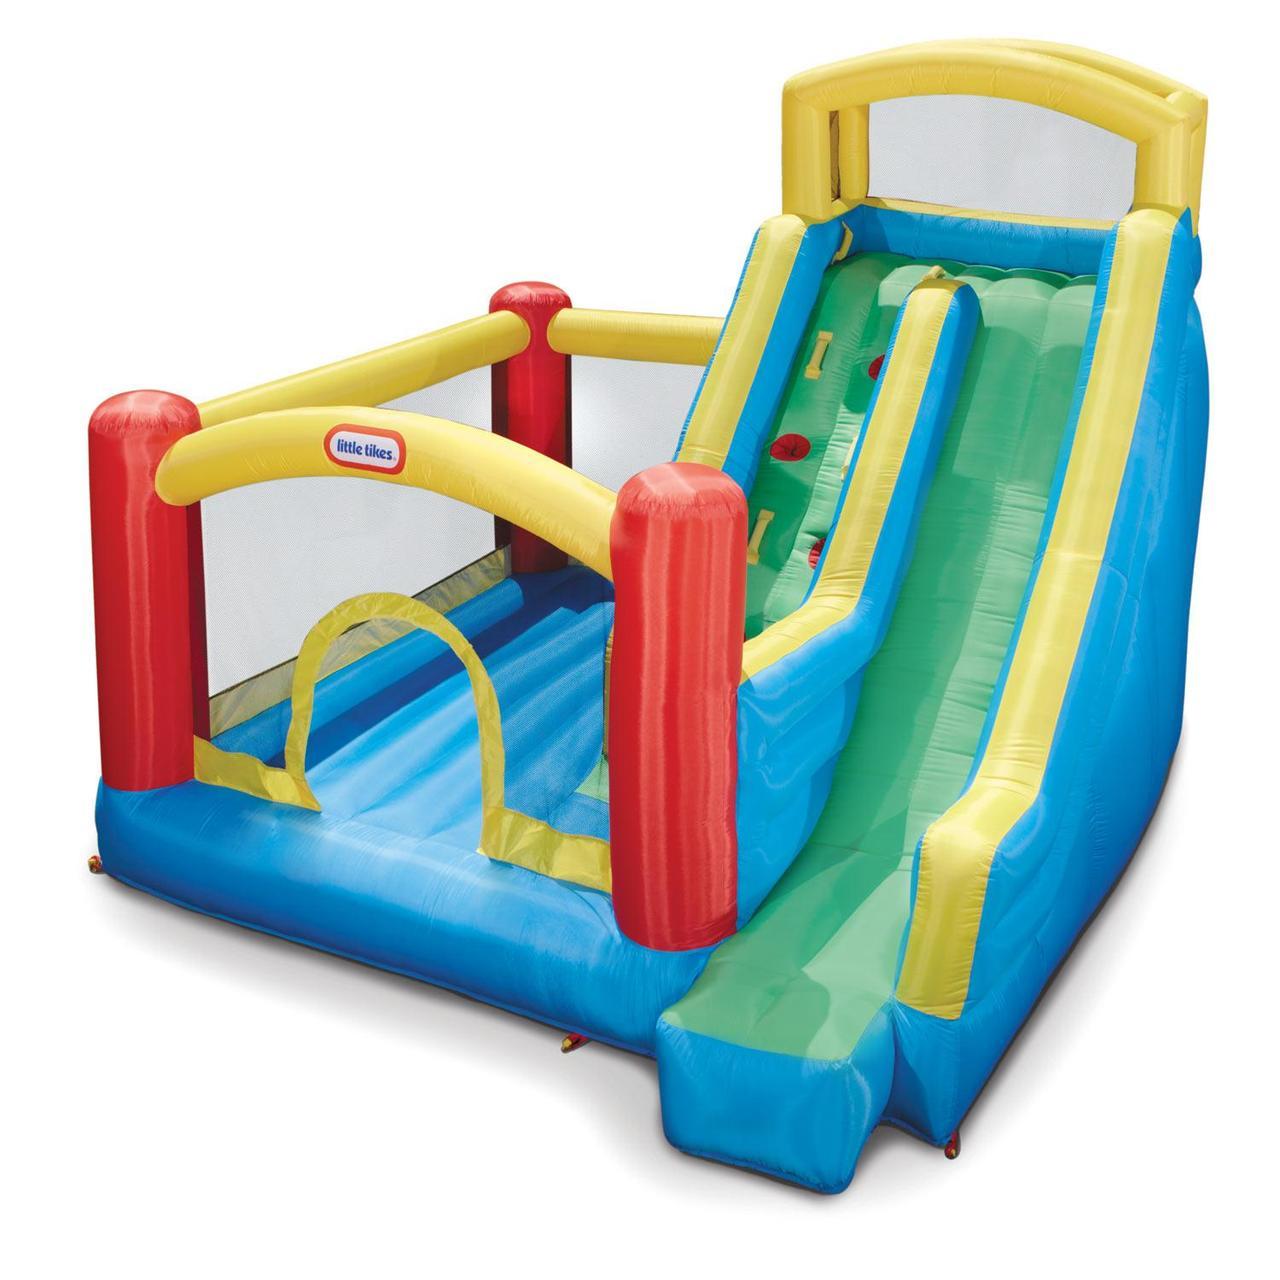 Надувной игровой центр с горкой Little Tikes 1734000000 Giant Slide Bouncer